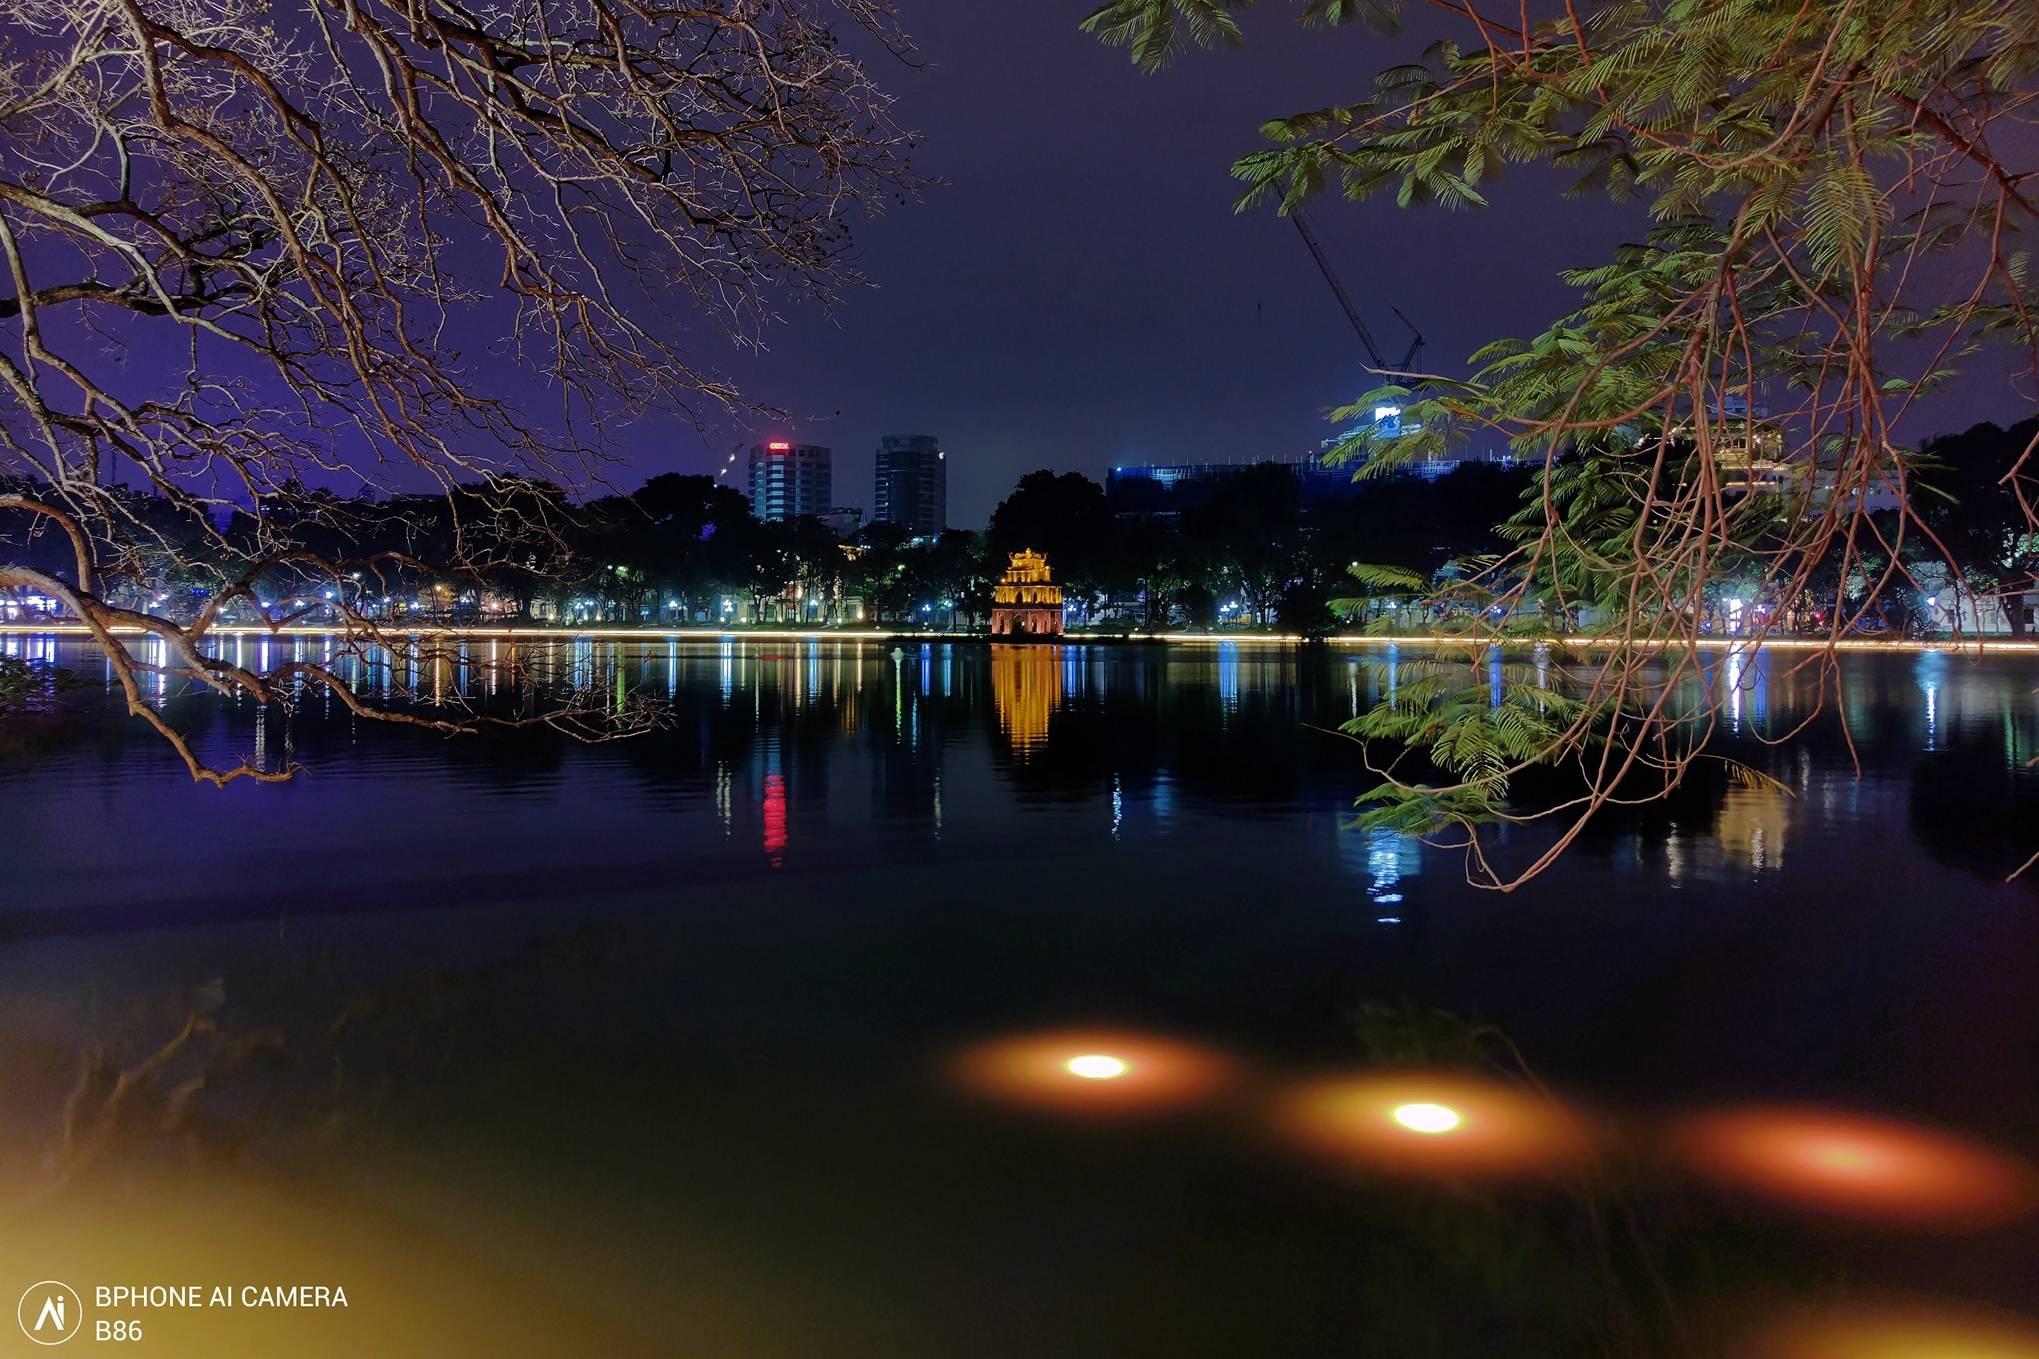 Bphone thế hệ mới sẽ được trang bị công nghệ chụp đêm sNight 2.0